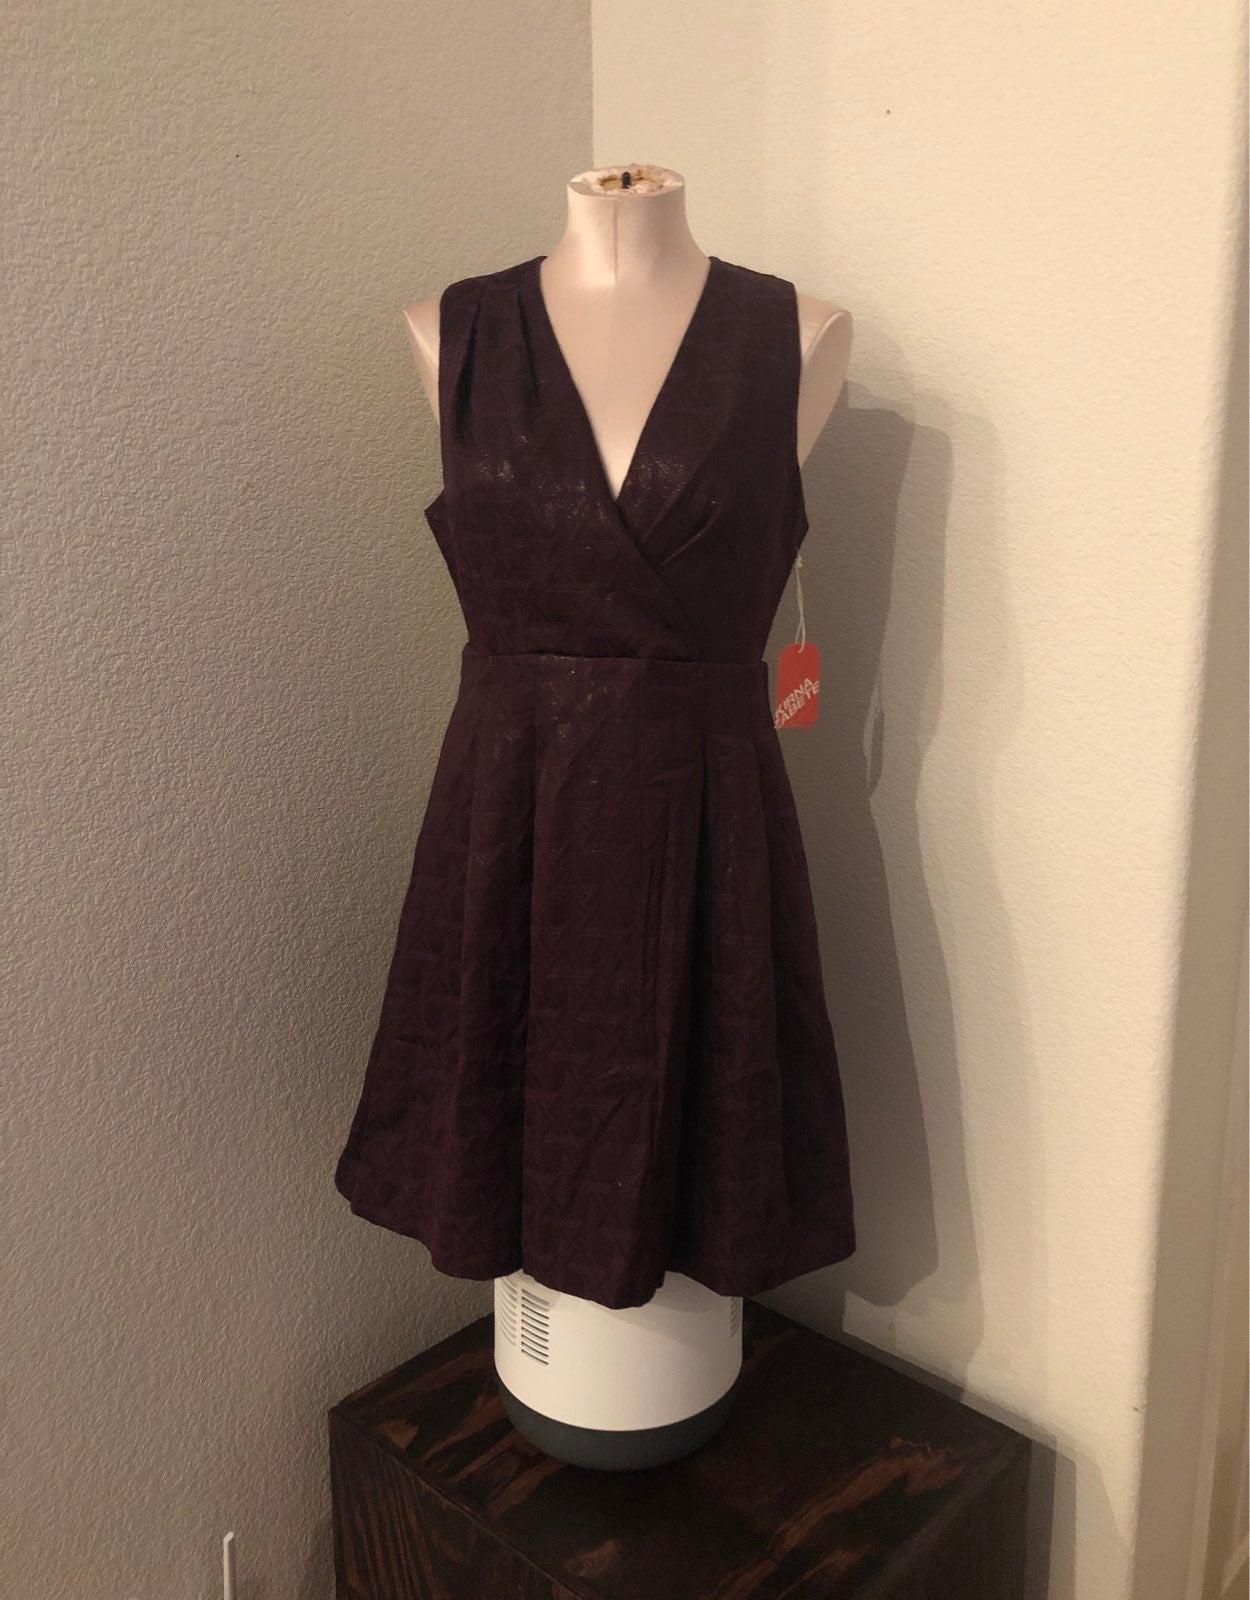 Kirna zabete purple dress